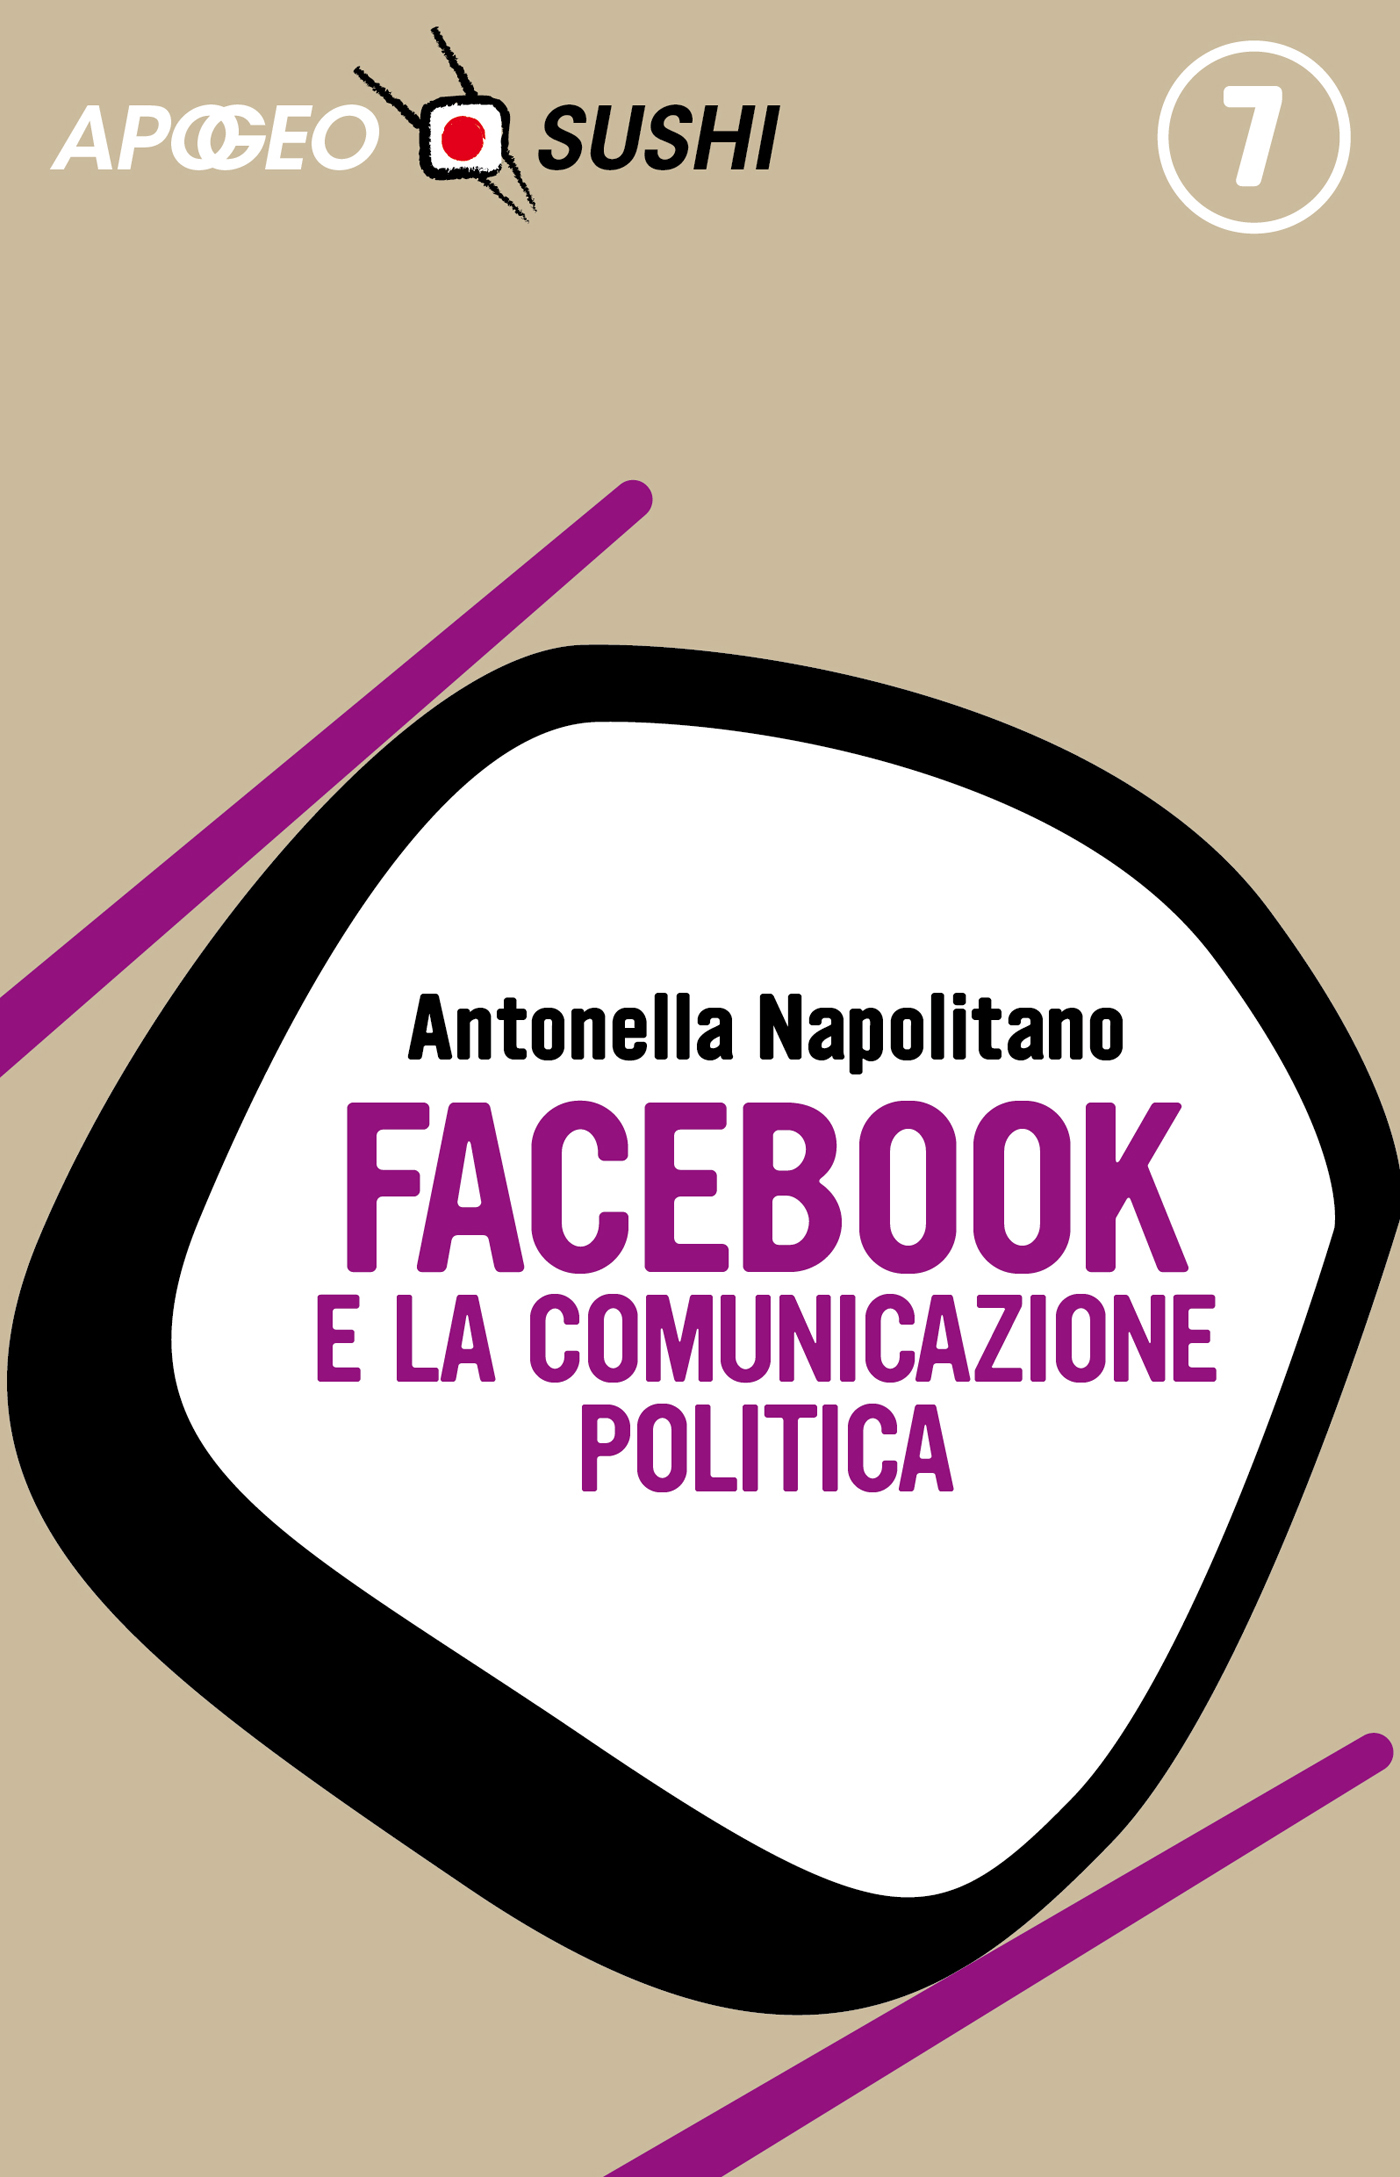 Facebook e la comunicazione politica – Antonella Napolitano